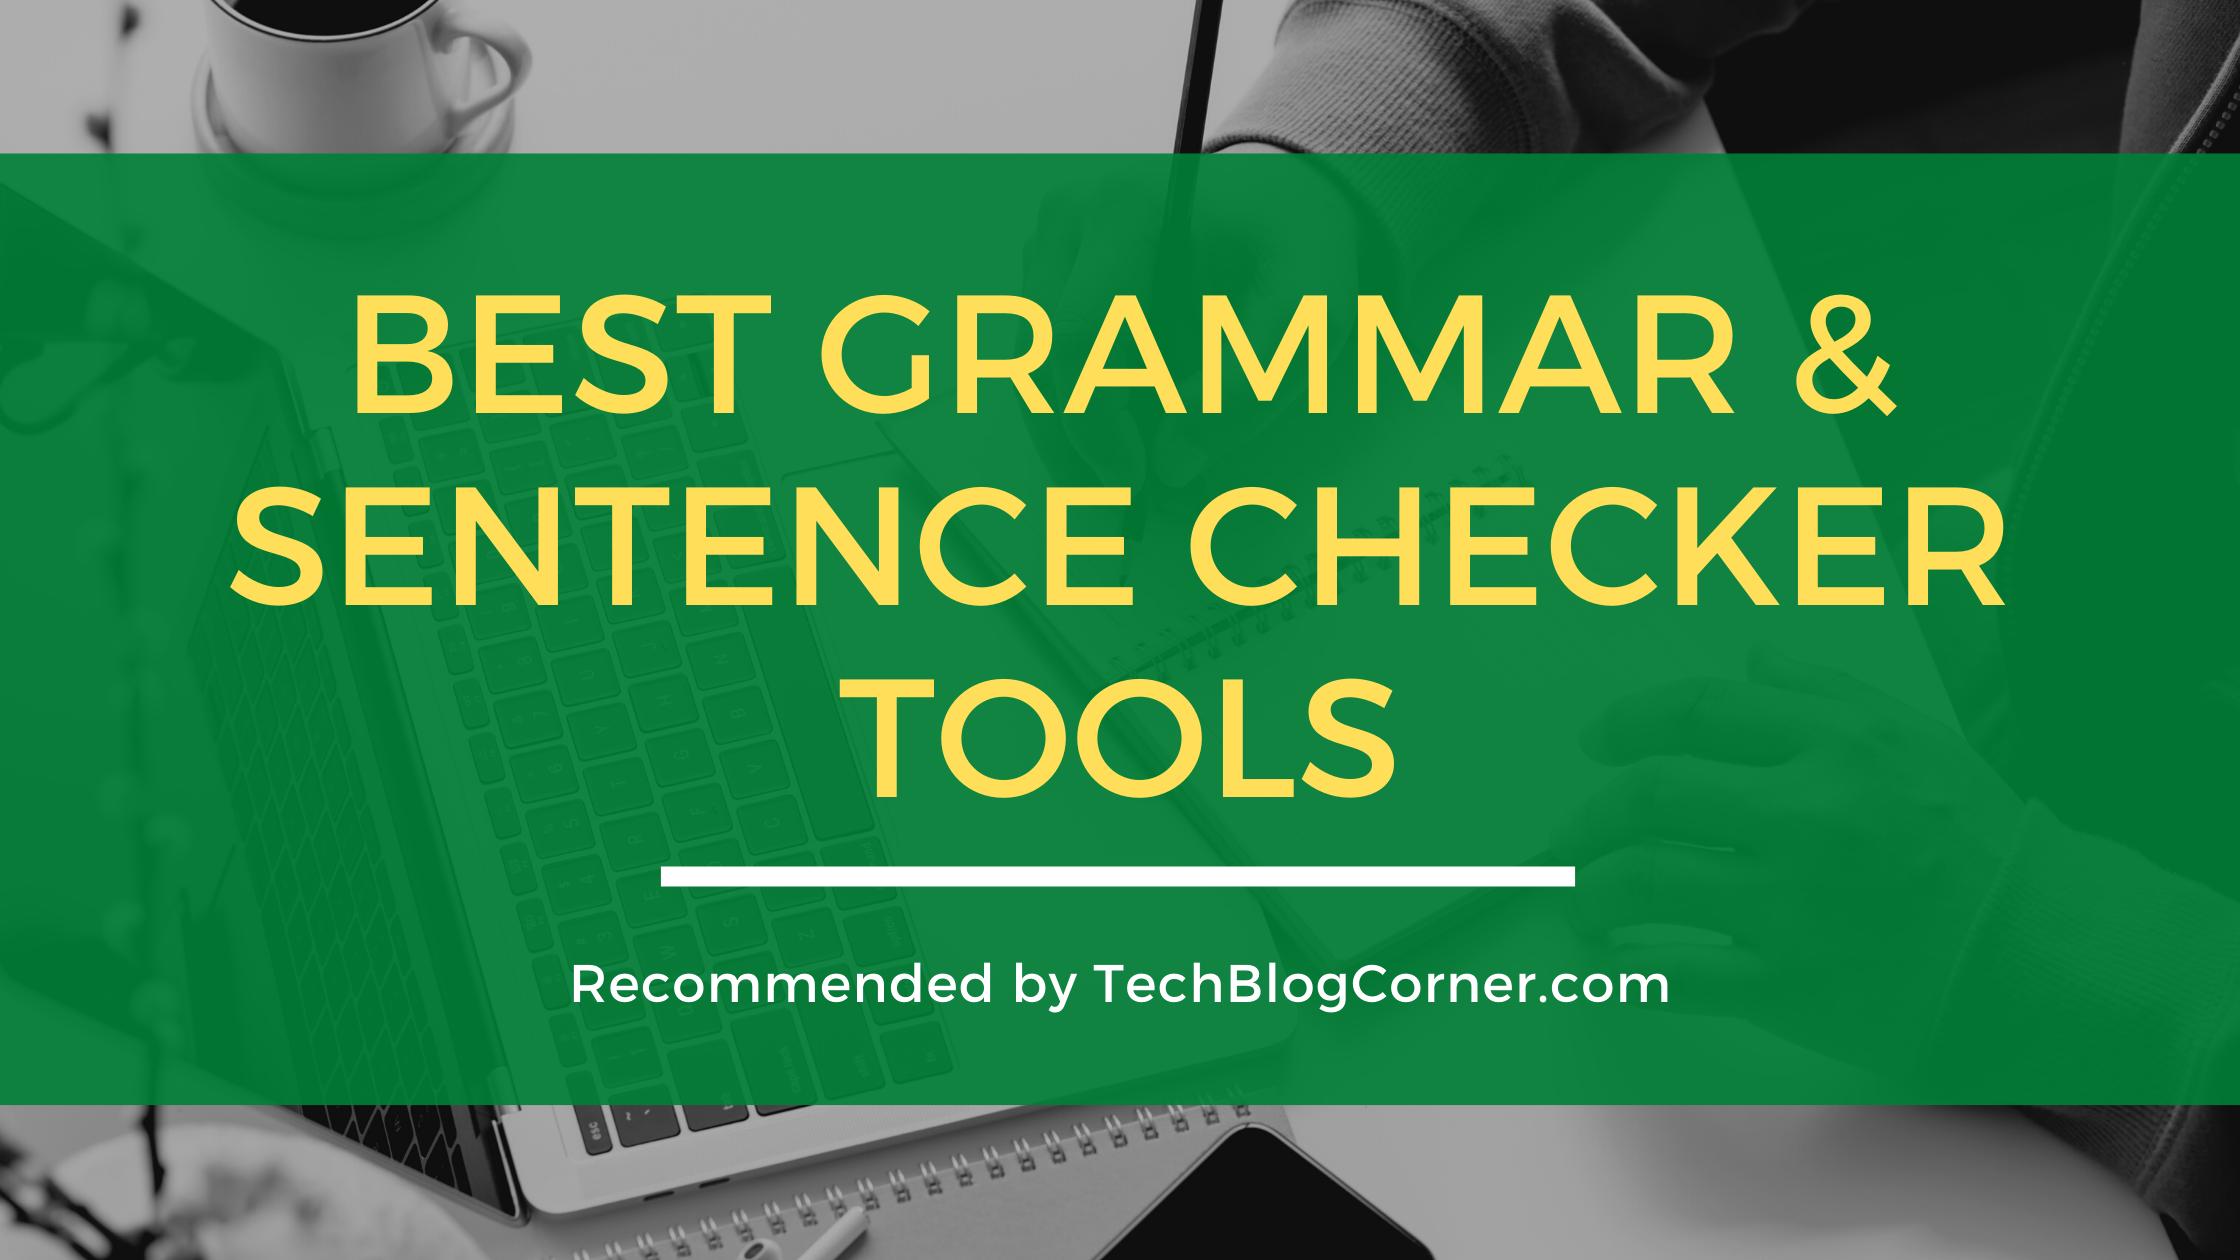 Best-Grammar-Checker-Tools-Sentence-Checkers